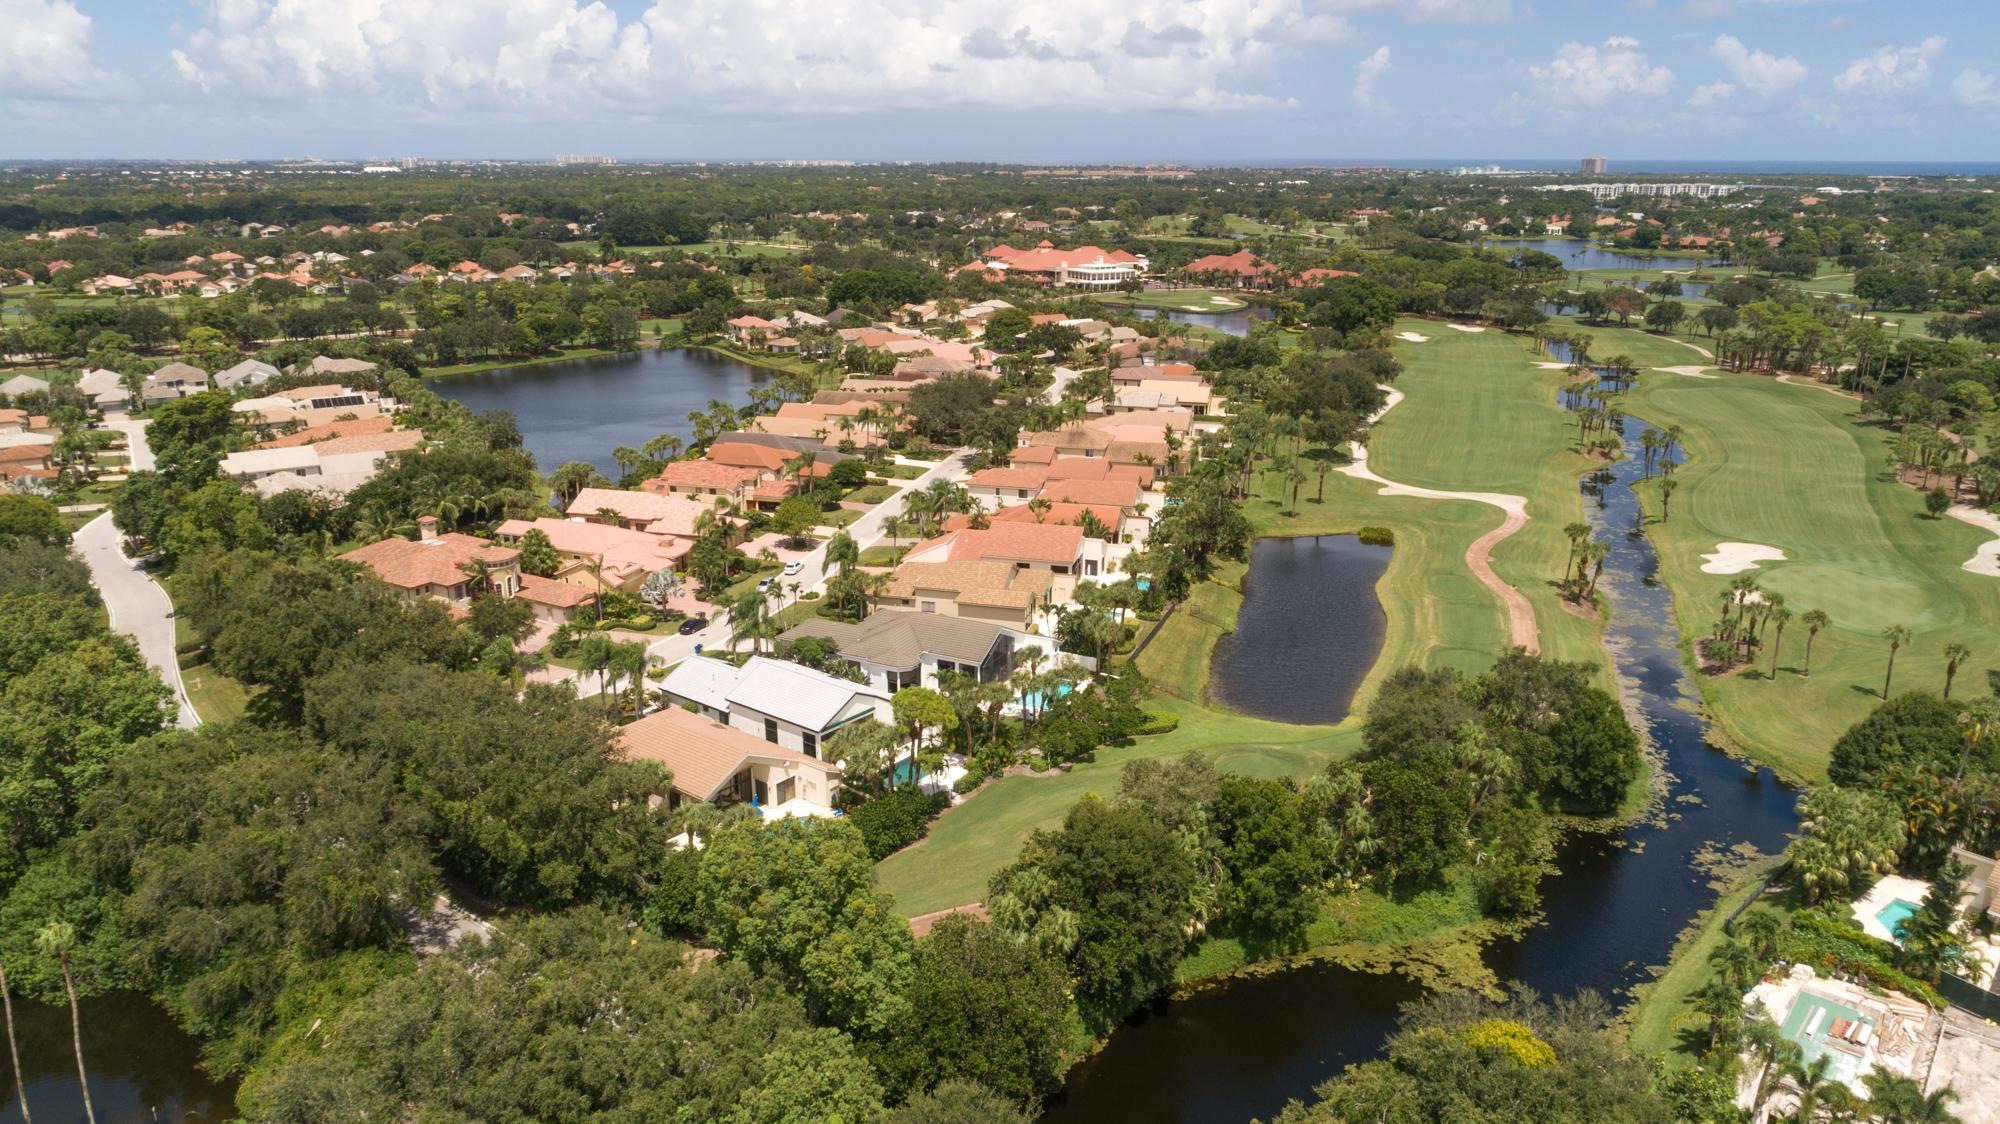 13220 Verdun Drive, Palm Beach Gardens, Florida 33410, 3 Bedrooms Bedrooms, ,4.1 BathroomsBathrooms,A,Single family,Verdun,RX-10460693